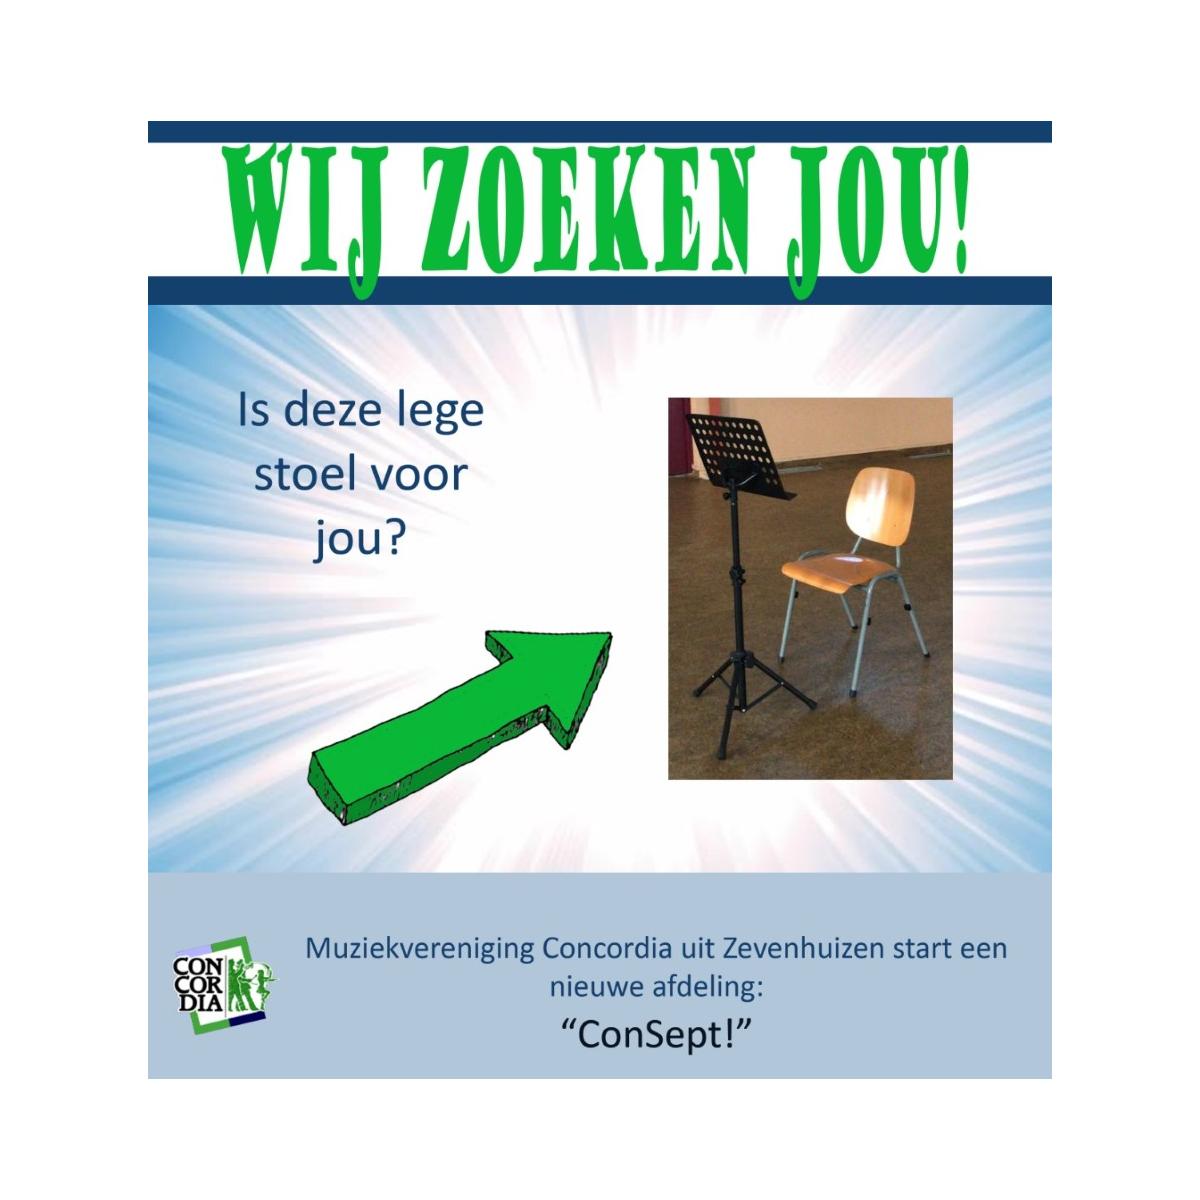 ConSept is van start gegaan!